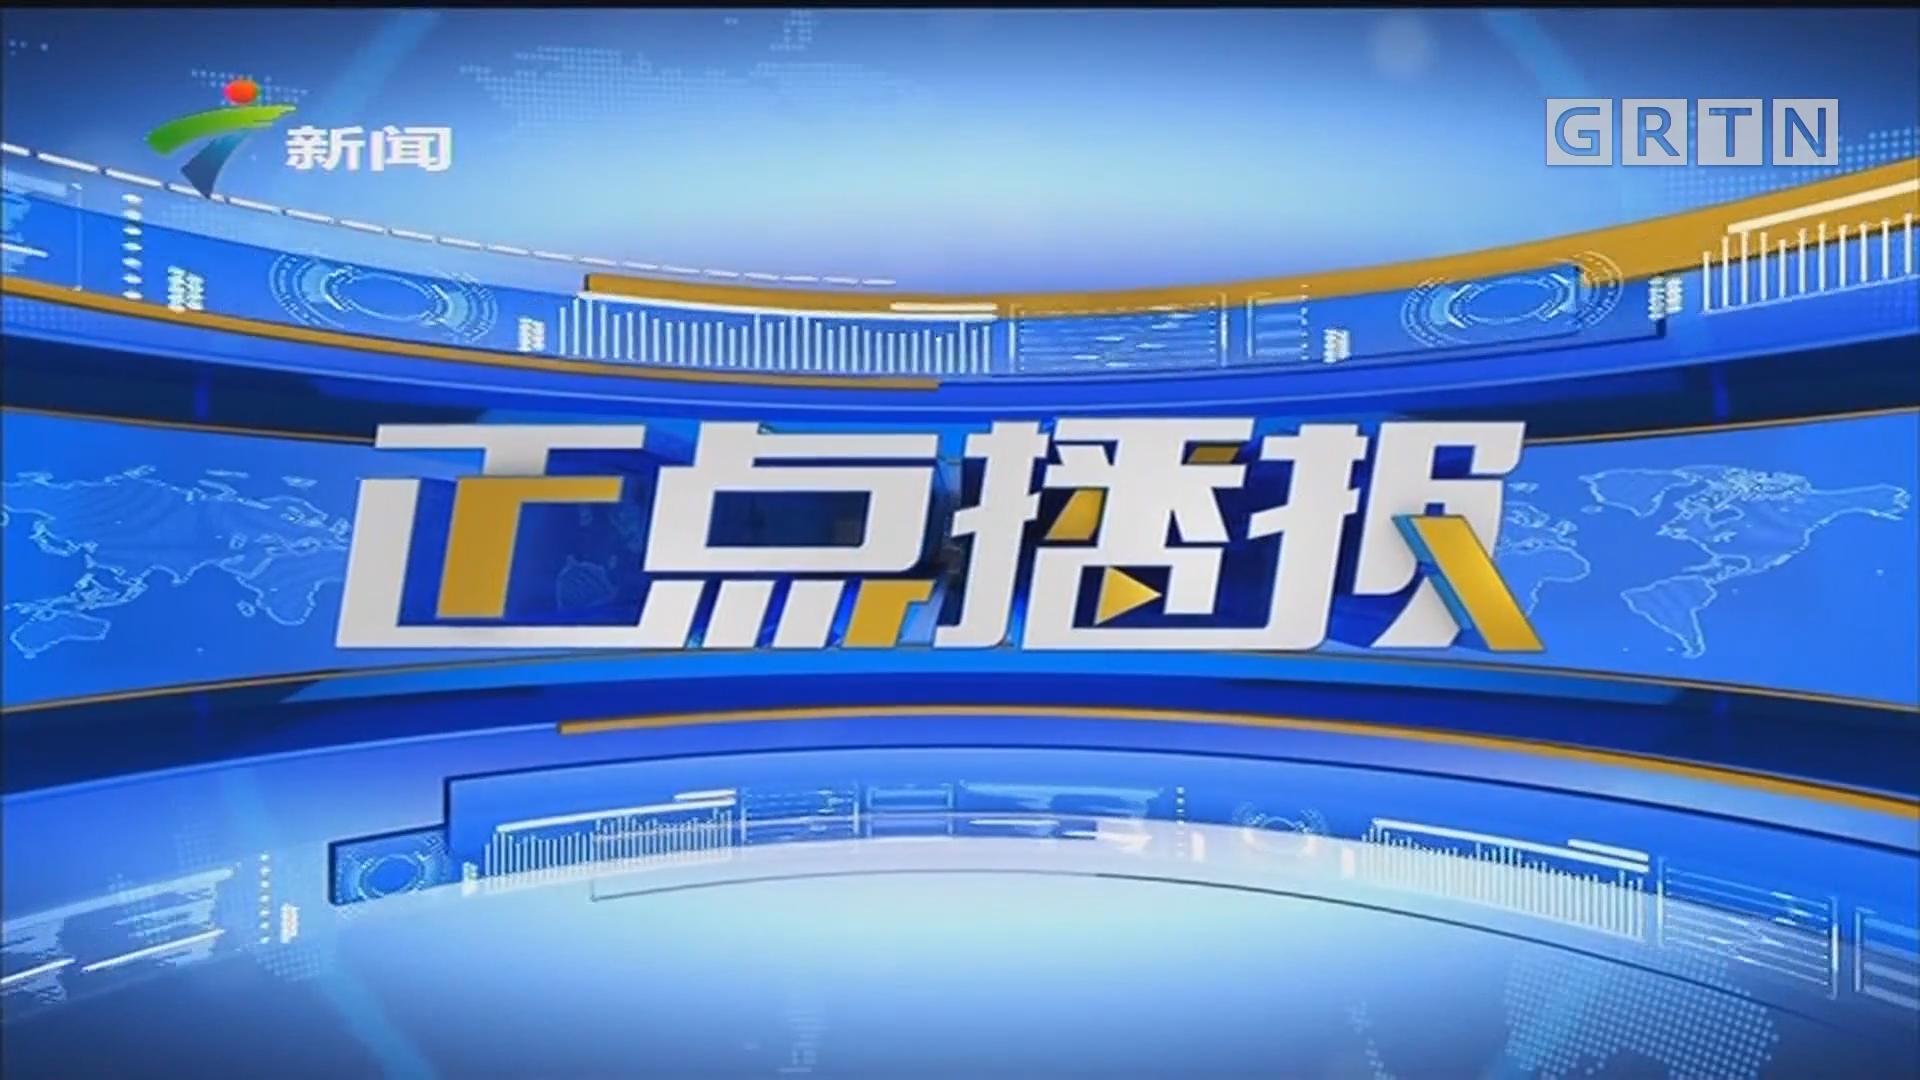 [HD][2019-12-02-15:00]正点播报:广州大道北地陷追踪 事发现场部分交通恢复通行 被困人员家属留守现场